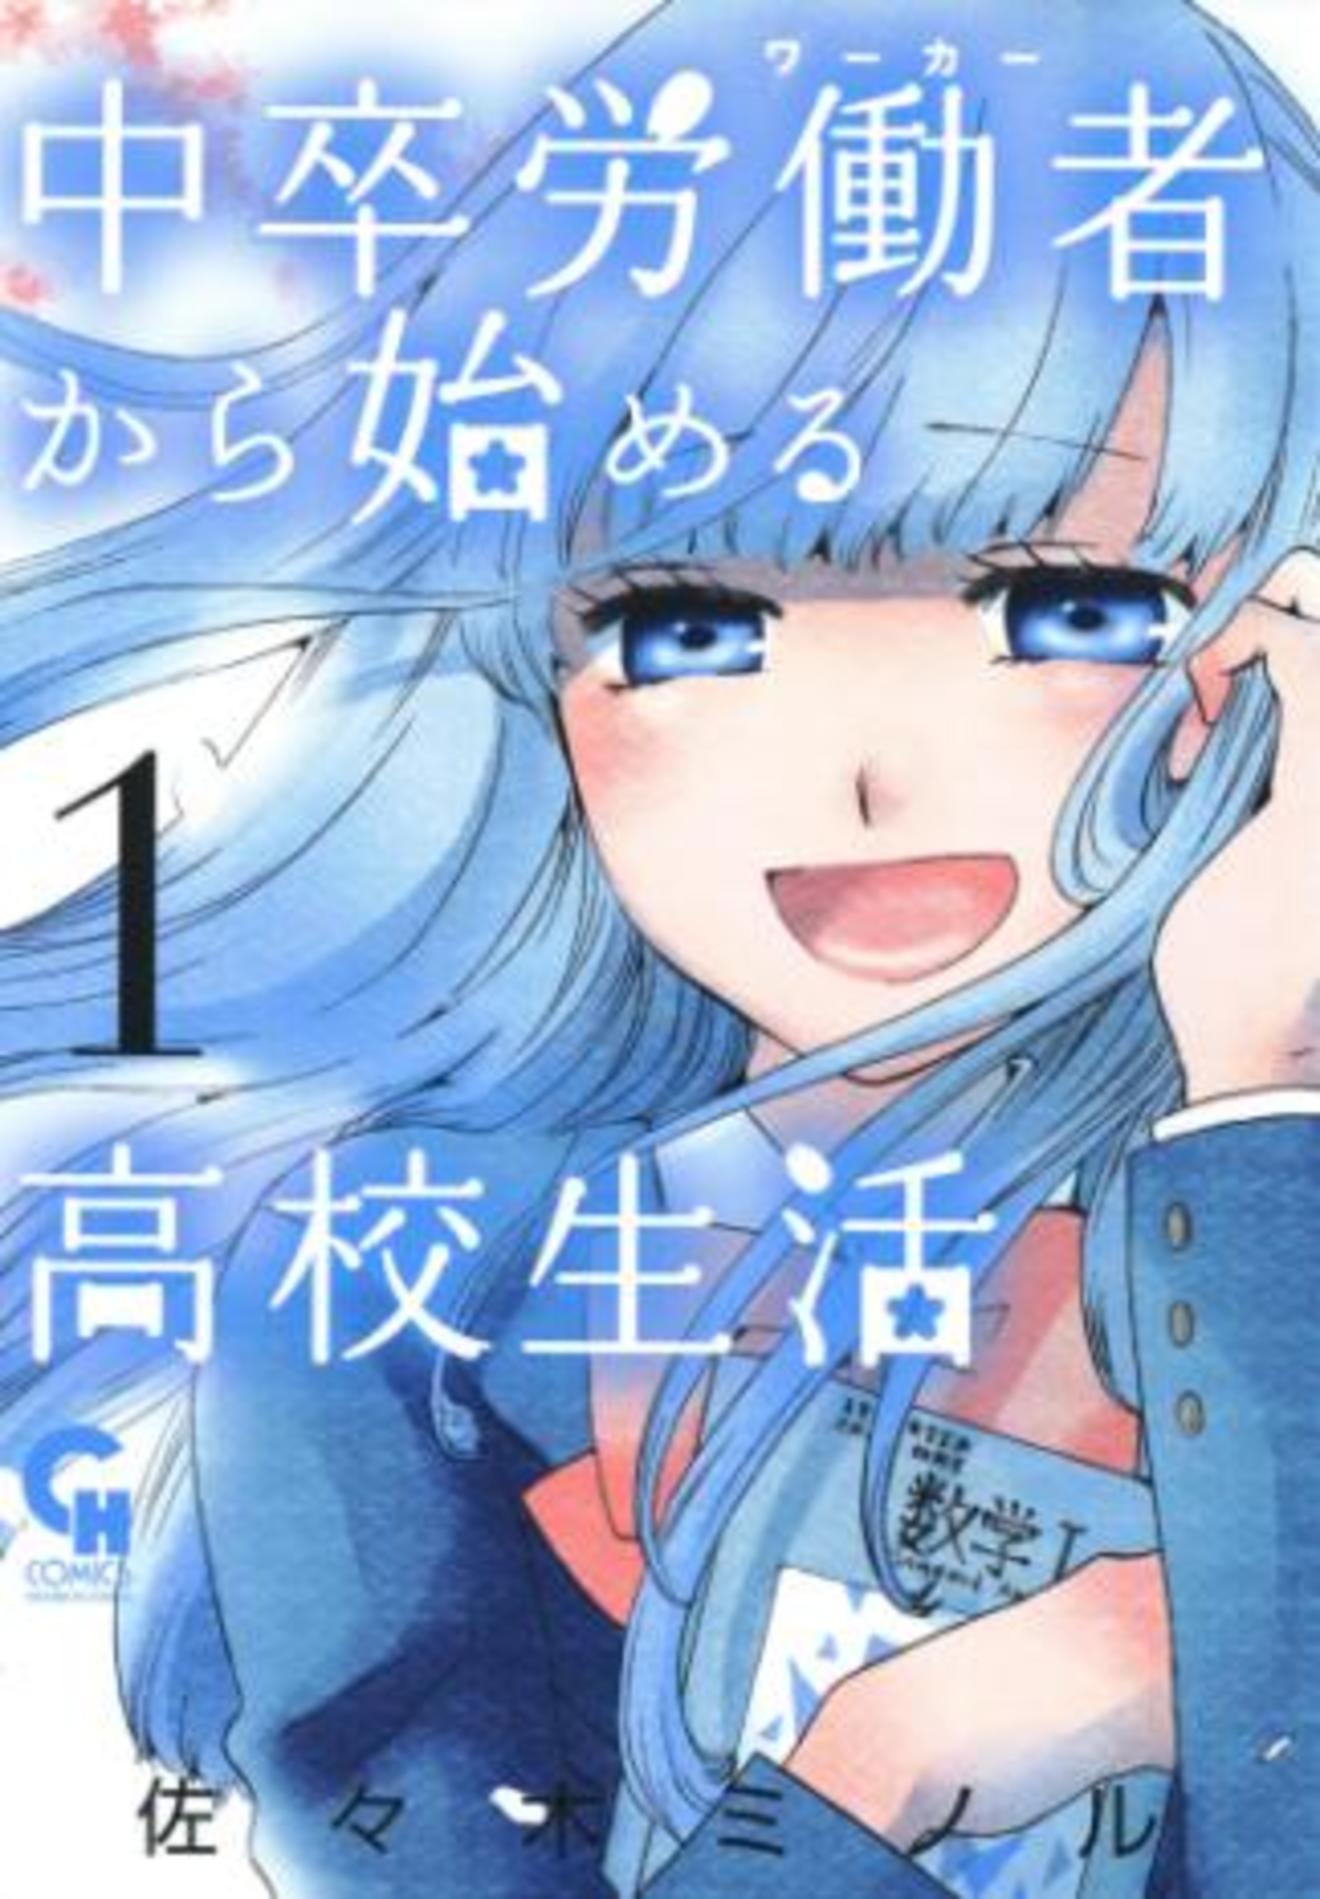 『中卒労働者から始める高校生活』全巻ネタバレ紹介!無料なのに面白い!